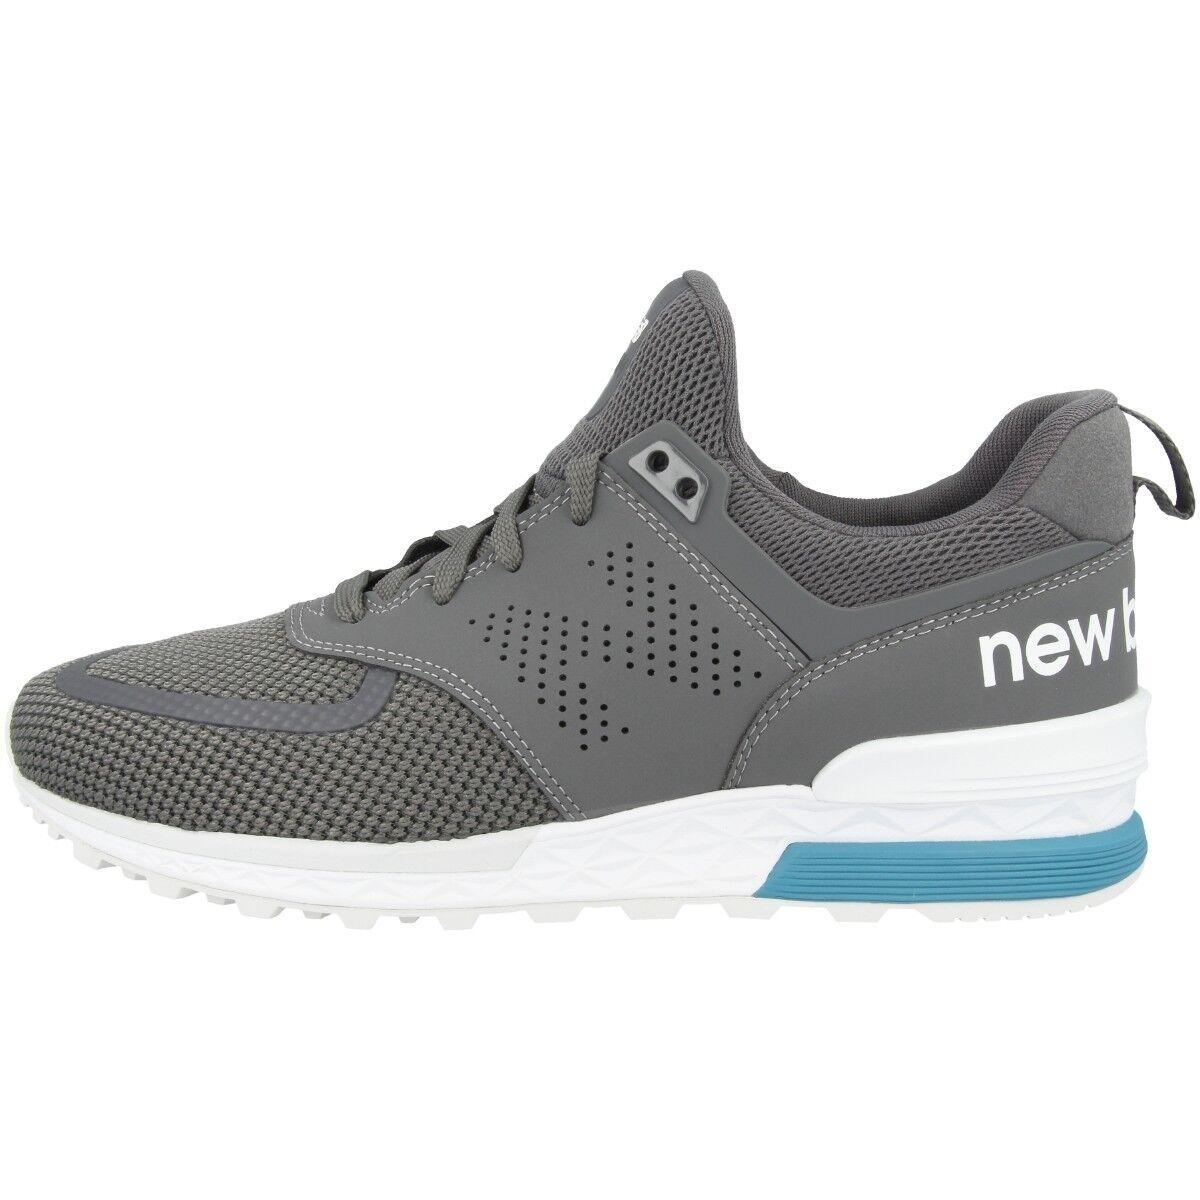 New Balance Ms 574 Pcg Chaussures de Sport Homme Sneaker Rétro Castlerock